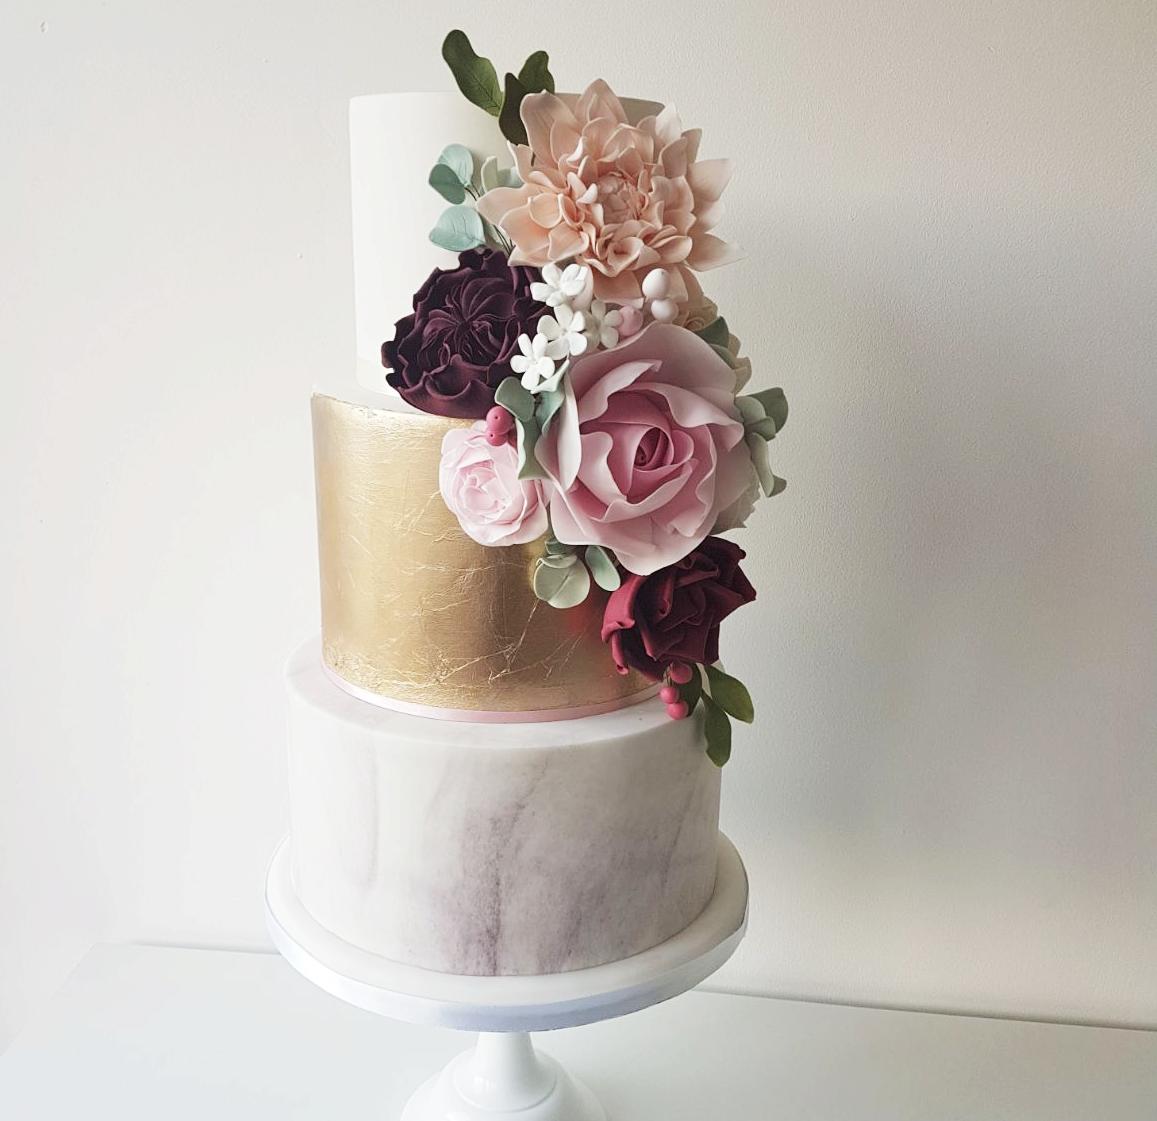 REBECCA SEVIOUR WEDDING CAKE DESIGN